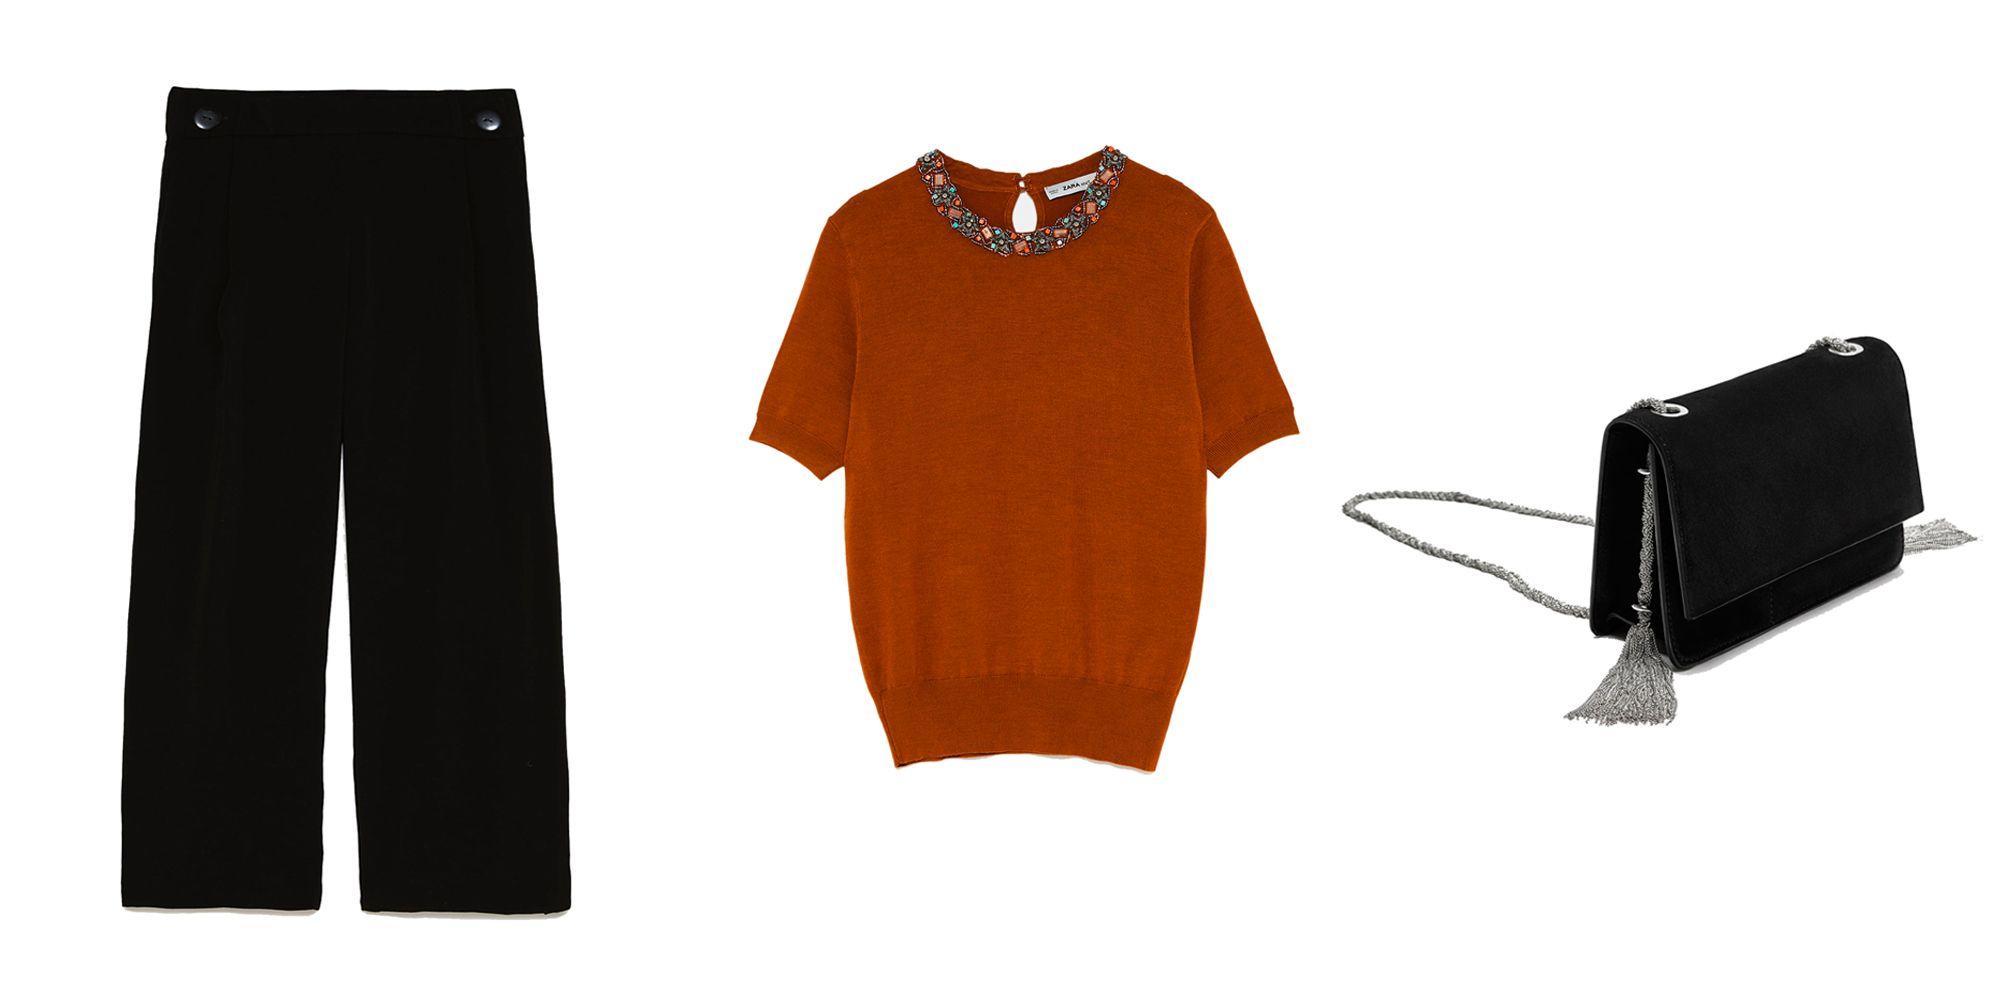 e41b6ff2efe1 Zara renueva su sección de 'Special prices' con la nueva colección - Los  jerseys, vestidos y vaqueros más baratos de Zara